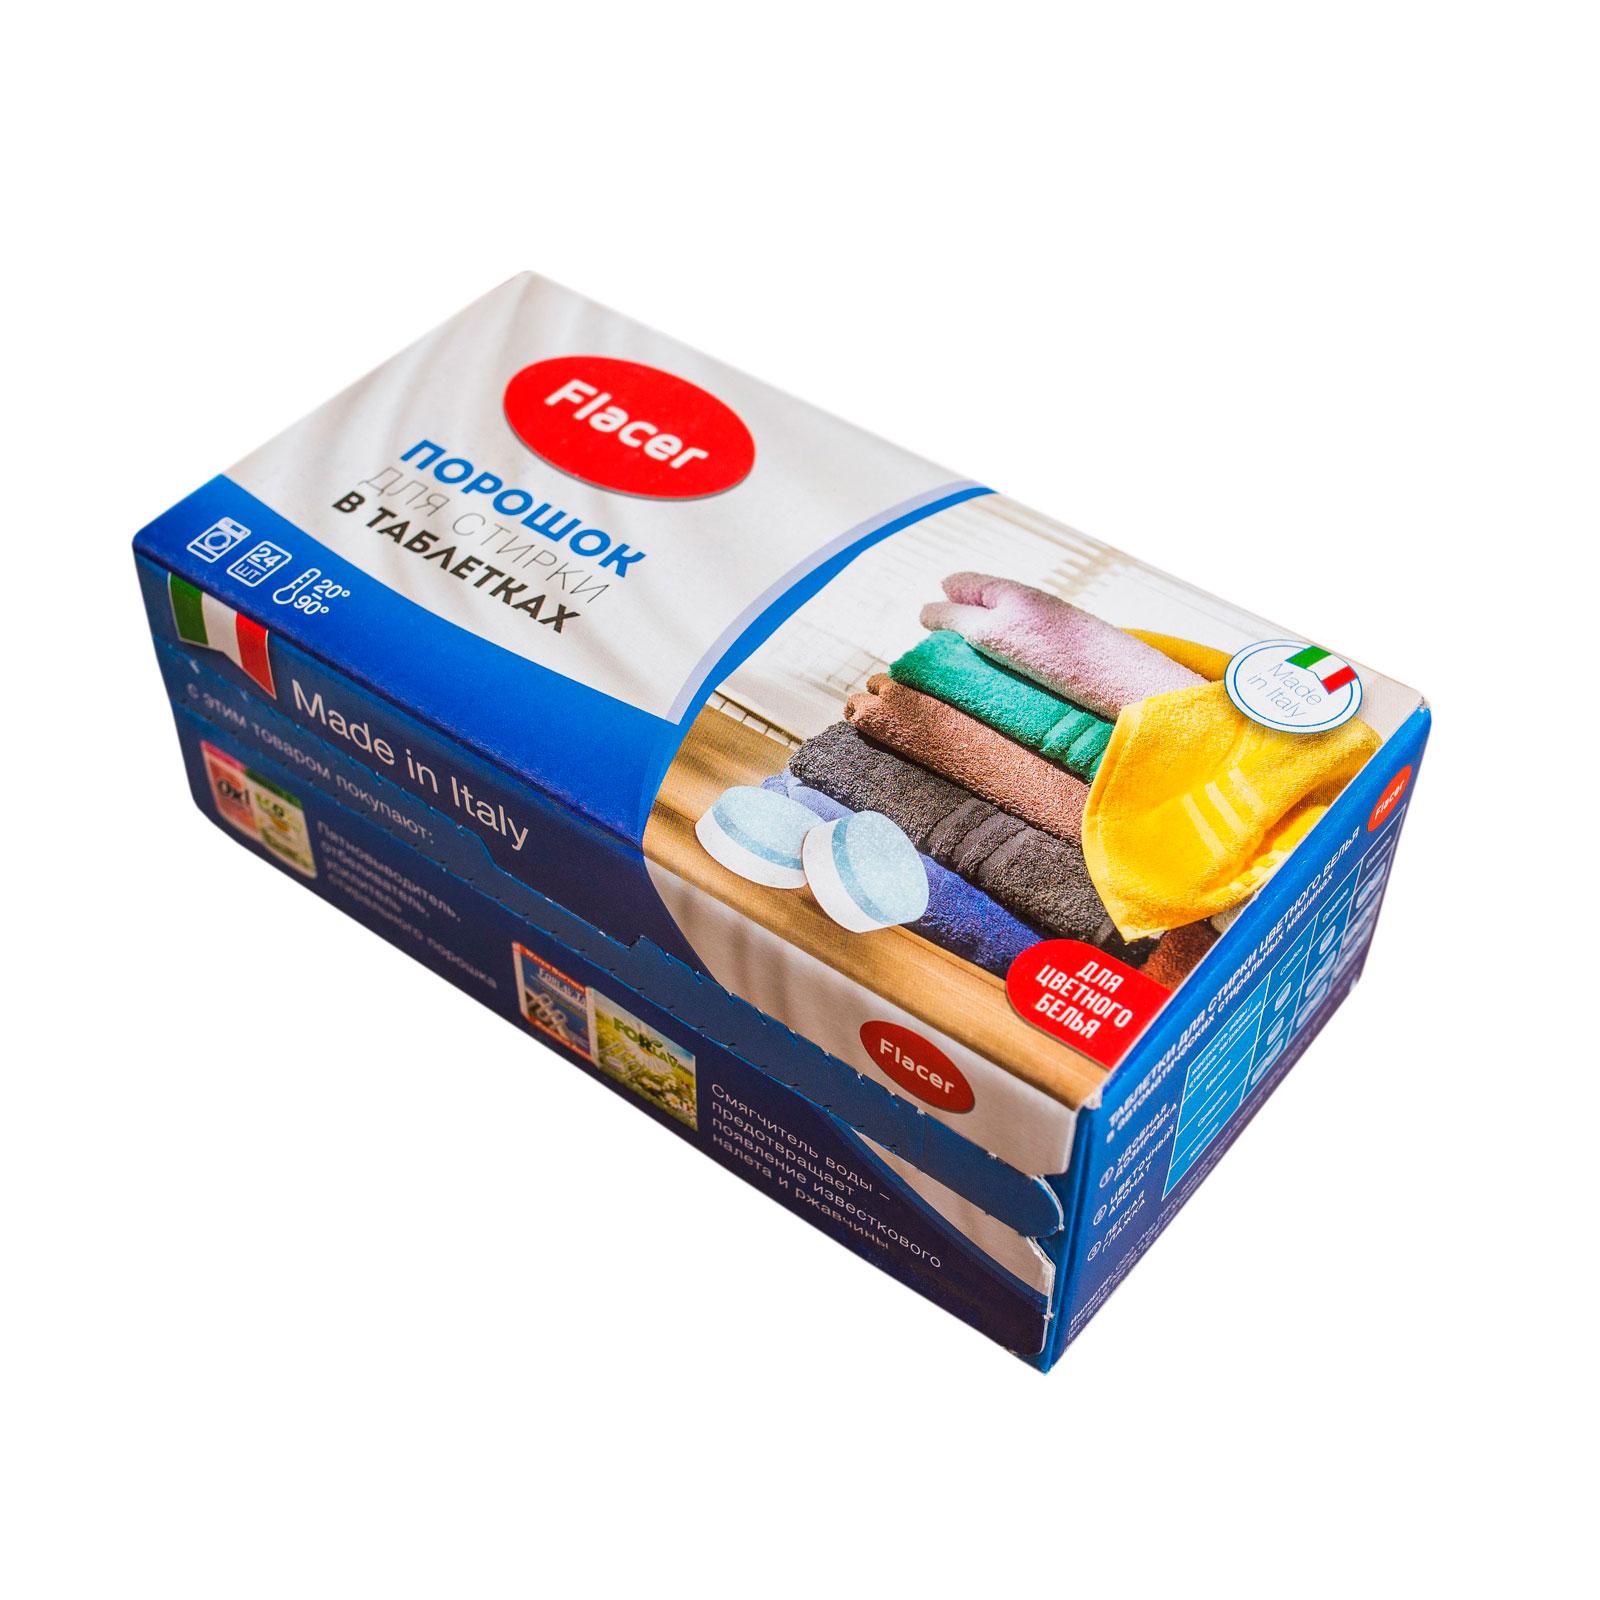 Таблетки Flacer для стирки для цветного белья 24 шт<br>